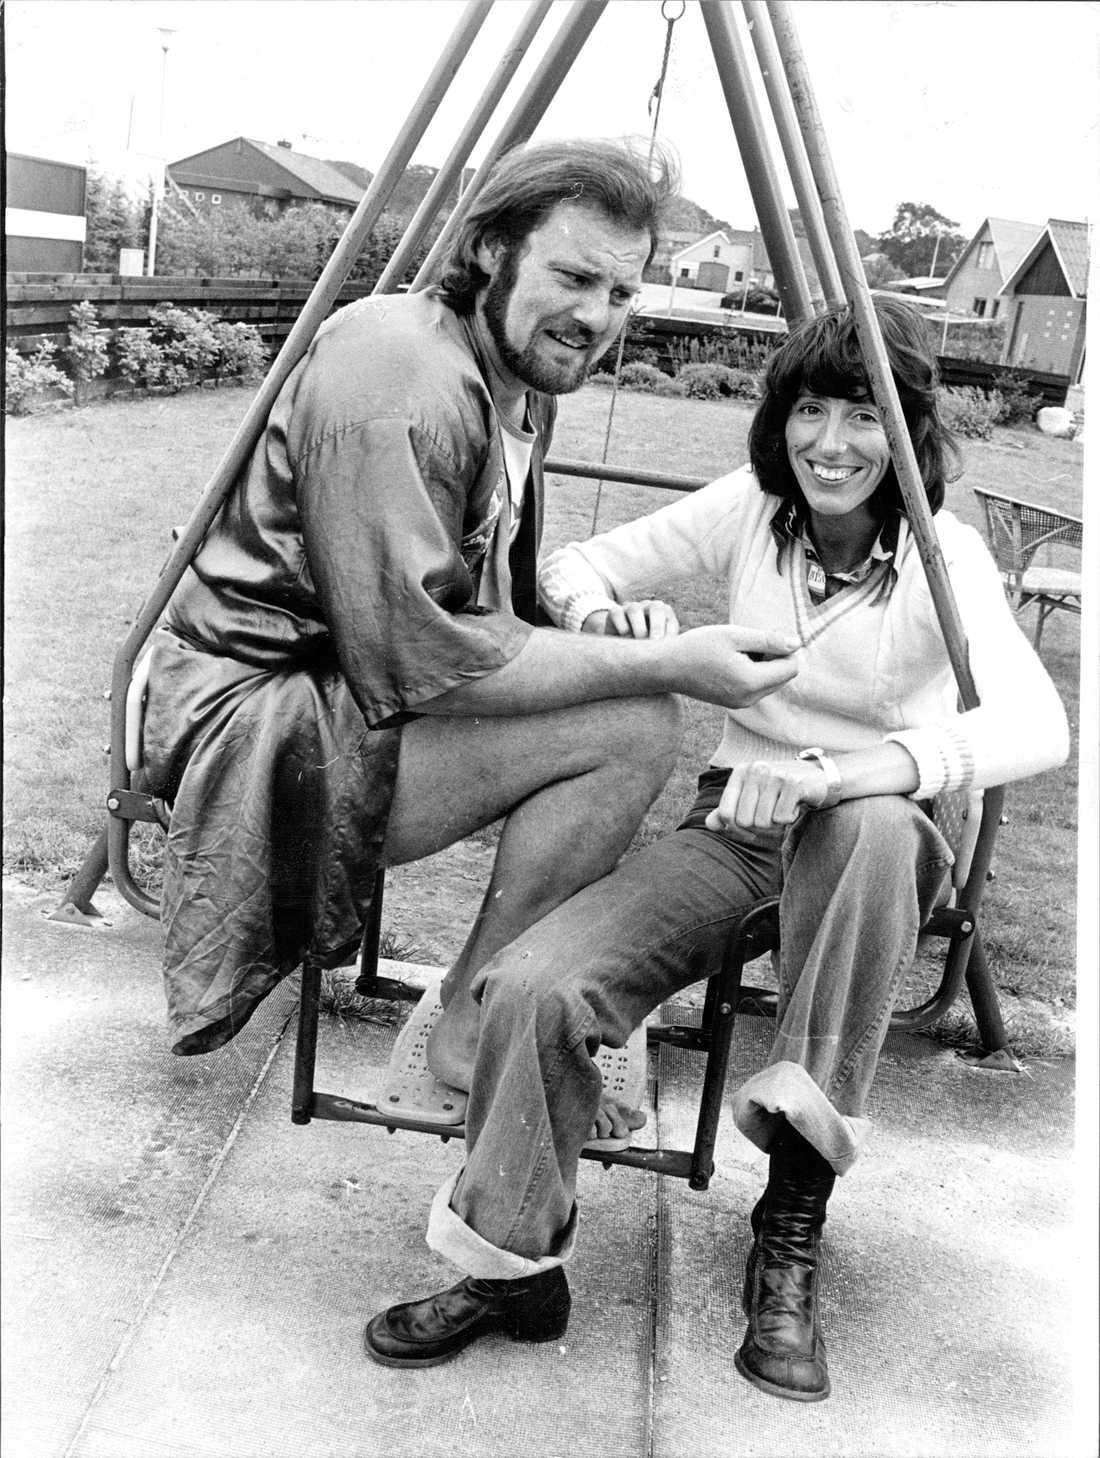 Intervju med Aftonbladets Ebba von Essen 1974.